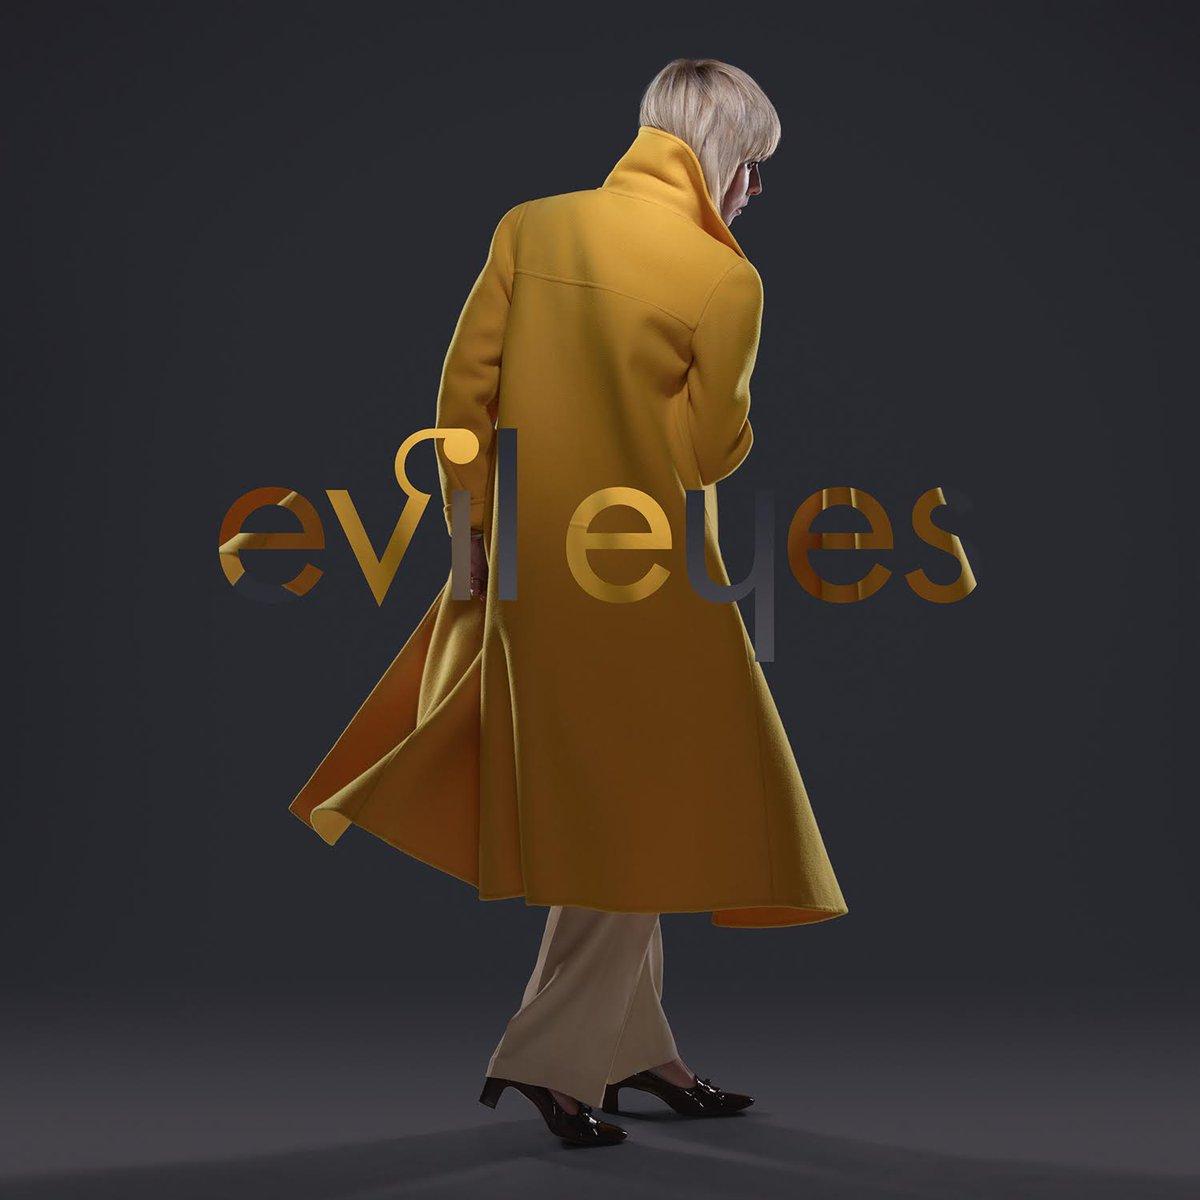 Róisín Murphy - Evil Eyes (Hercules & Love Affair Remix) http://t.co/huq5amCq0k @roisinmurphy @HerculesLA http://t.co/WWhxZxcAFW